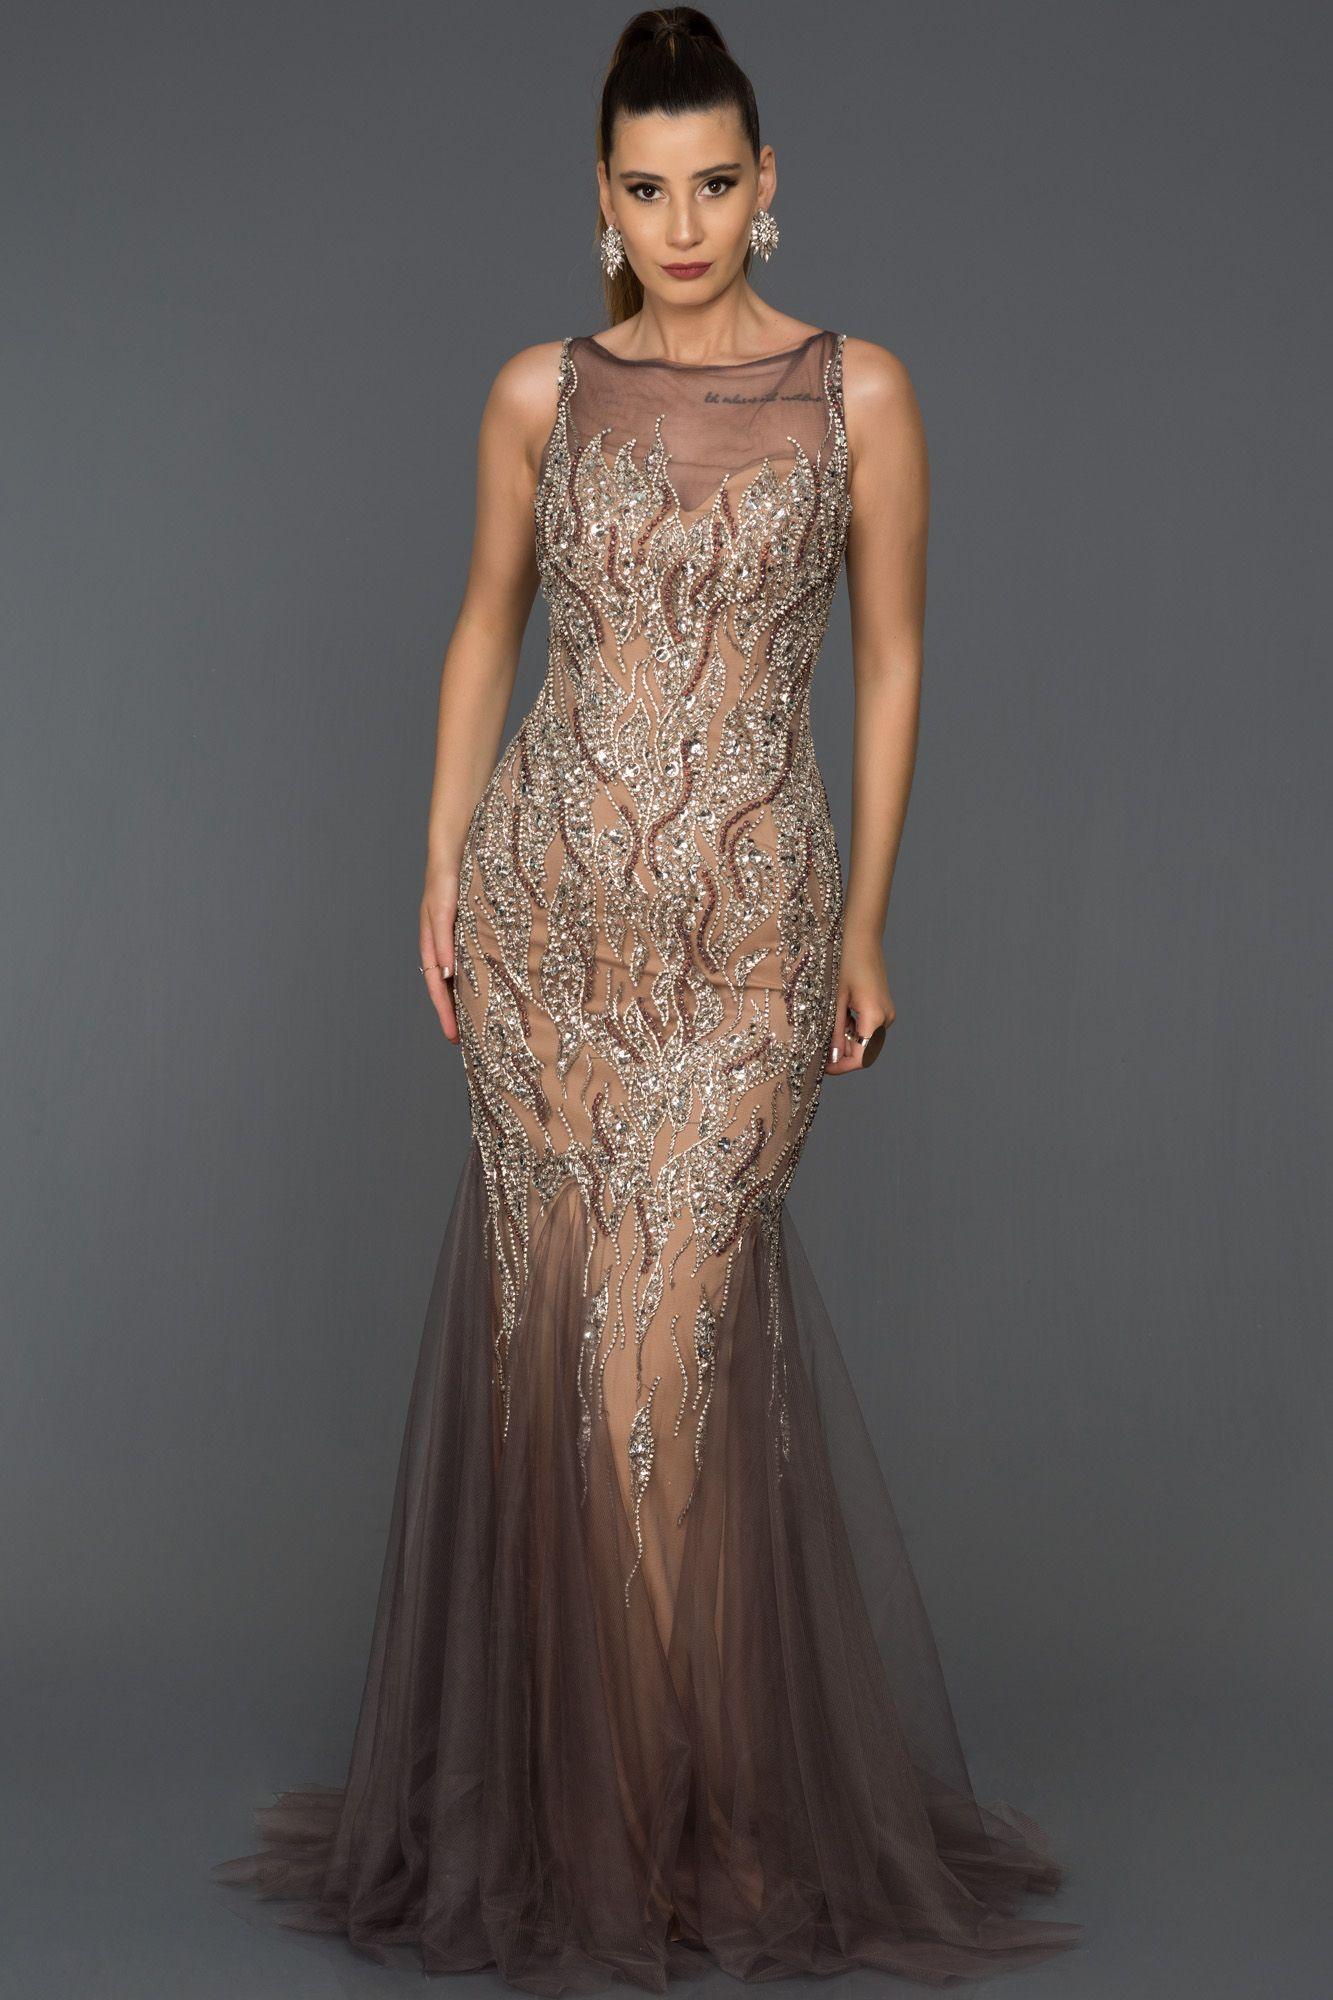 9f9d71495bd95 Taşlı Özel Tasarım Abiye AB829 | Bayan Giyim in 2019 | Elbise ...